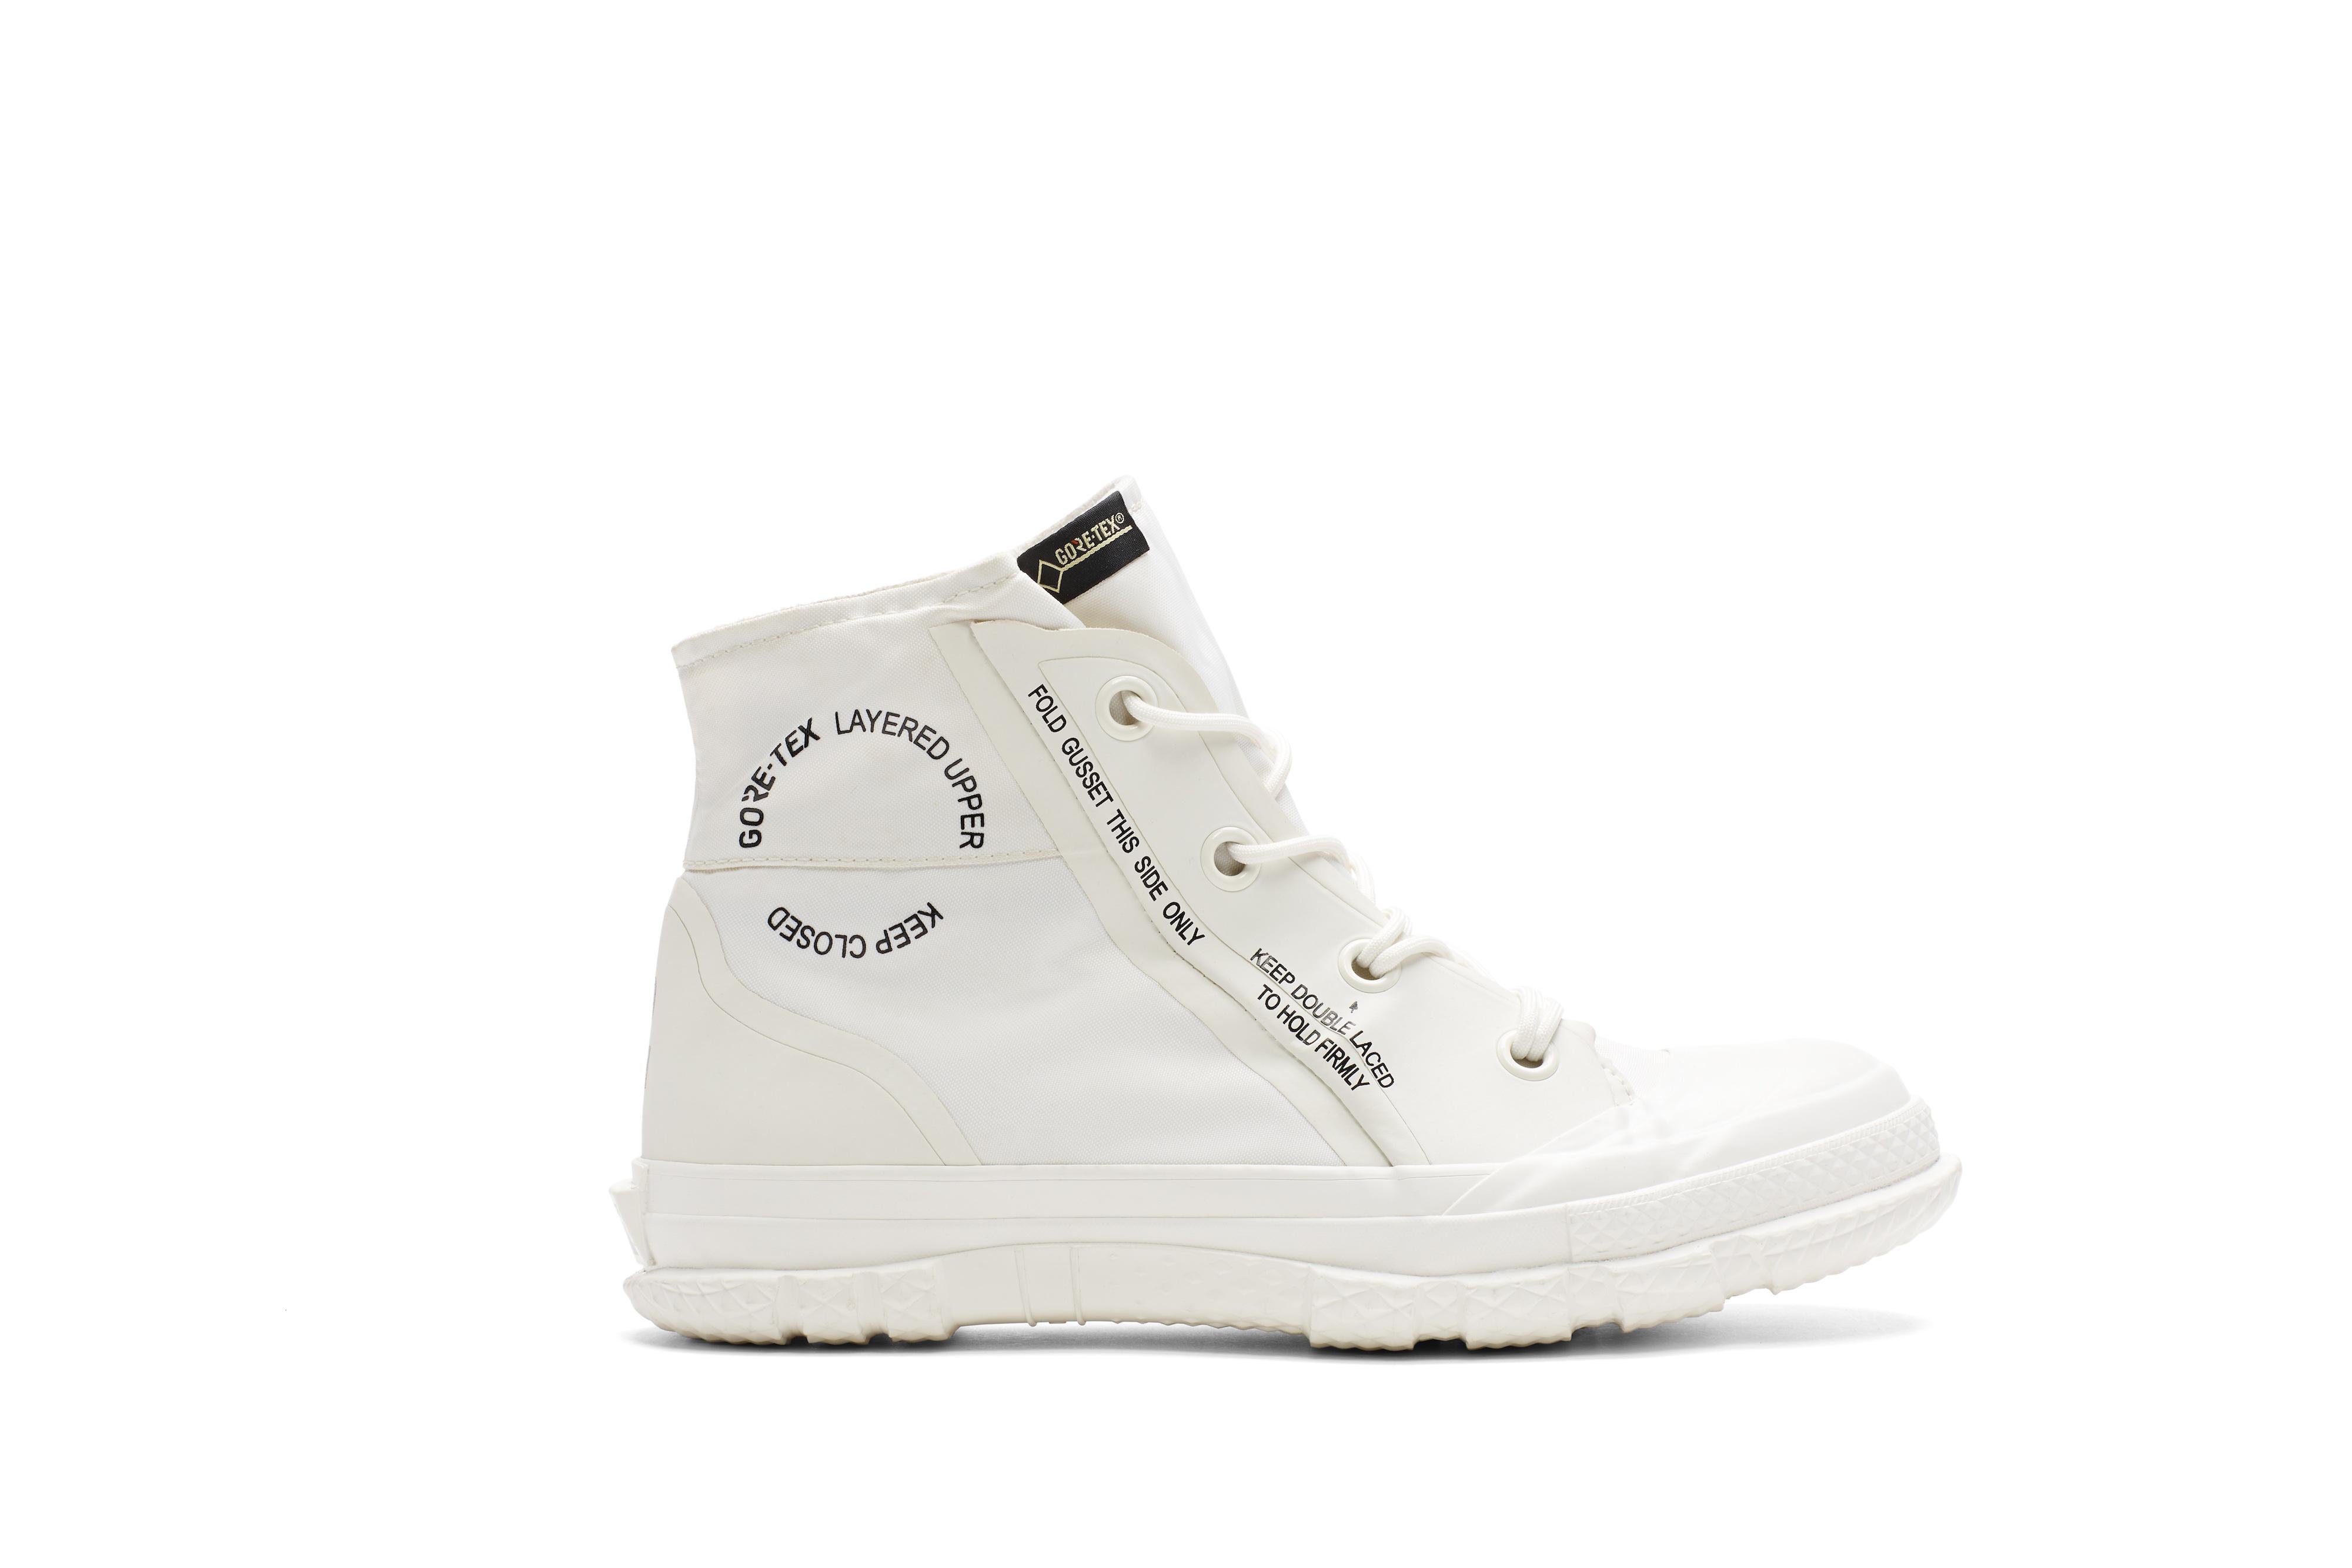 92ddb5e3f25848 Ihr erhaltet alle Modelle der Converse Mountain Club Pinnacle Capsule  Collection ab dem 08. November direkt bei Converse sowie ausgewählten  Retailer.